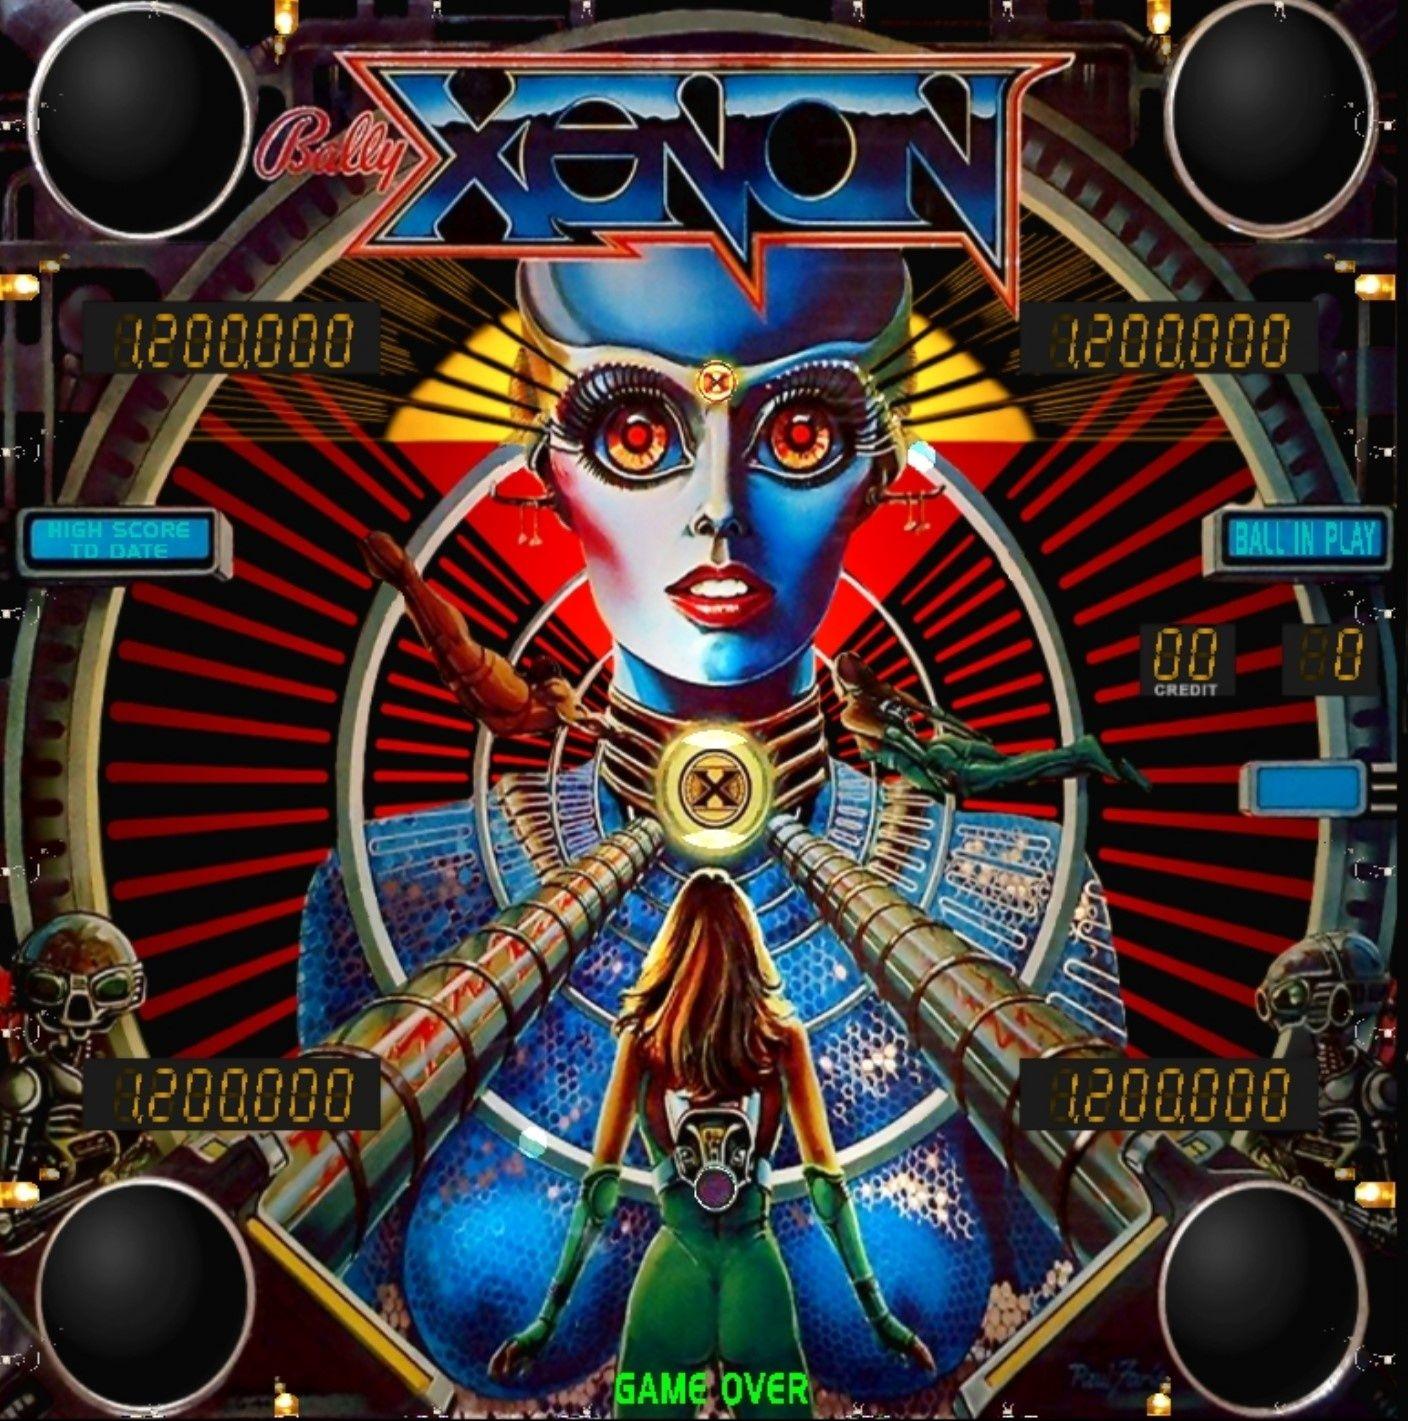 Xenon Pinball Machine (1980) Pinball art, Pinball game